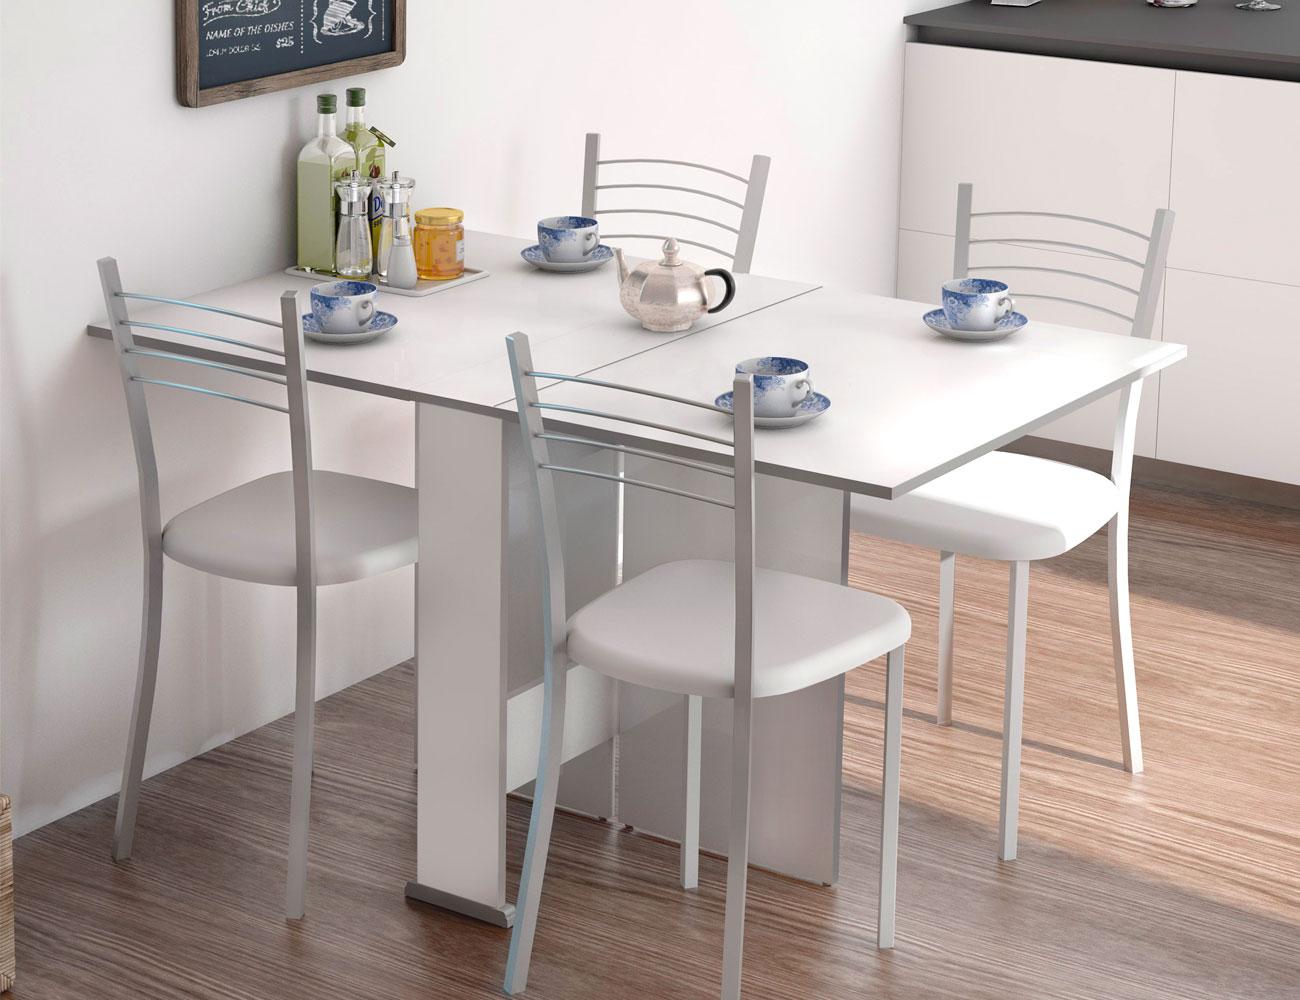 Mesa de cocina extensible convertible 3541 factory del for Mueble mesa cocina